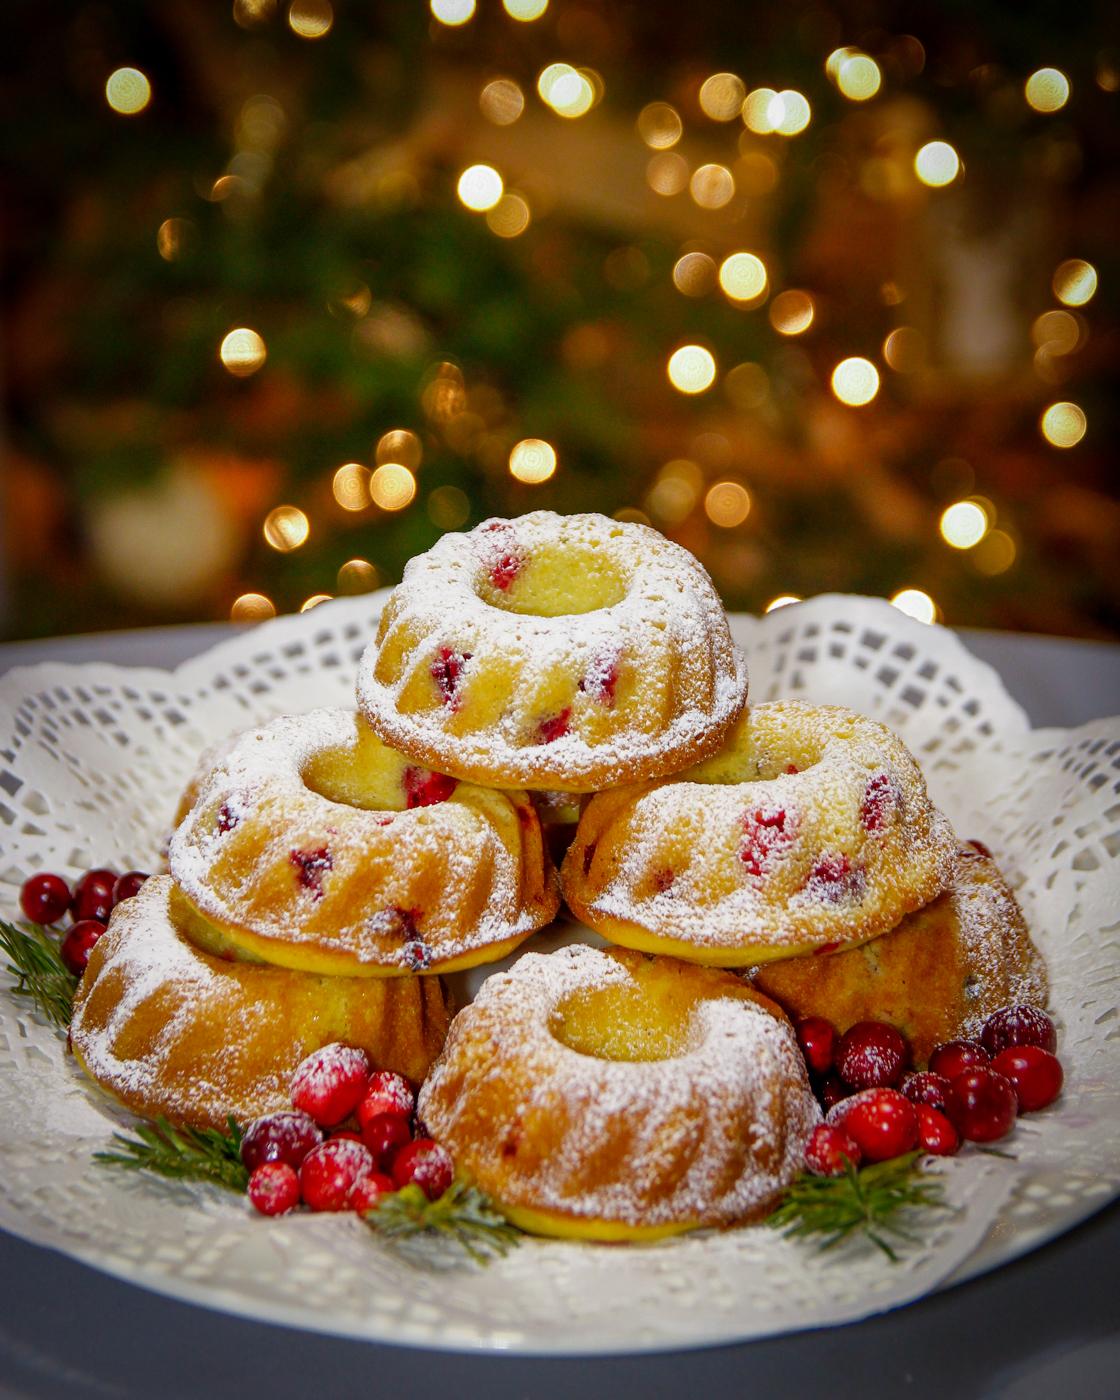 Christmas Cranberry Orange Bundt Cake